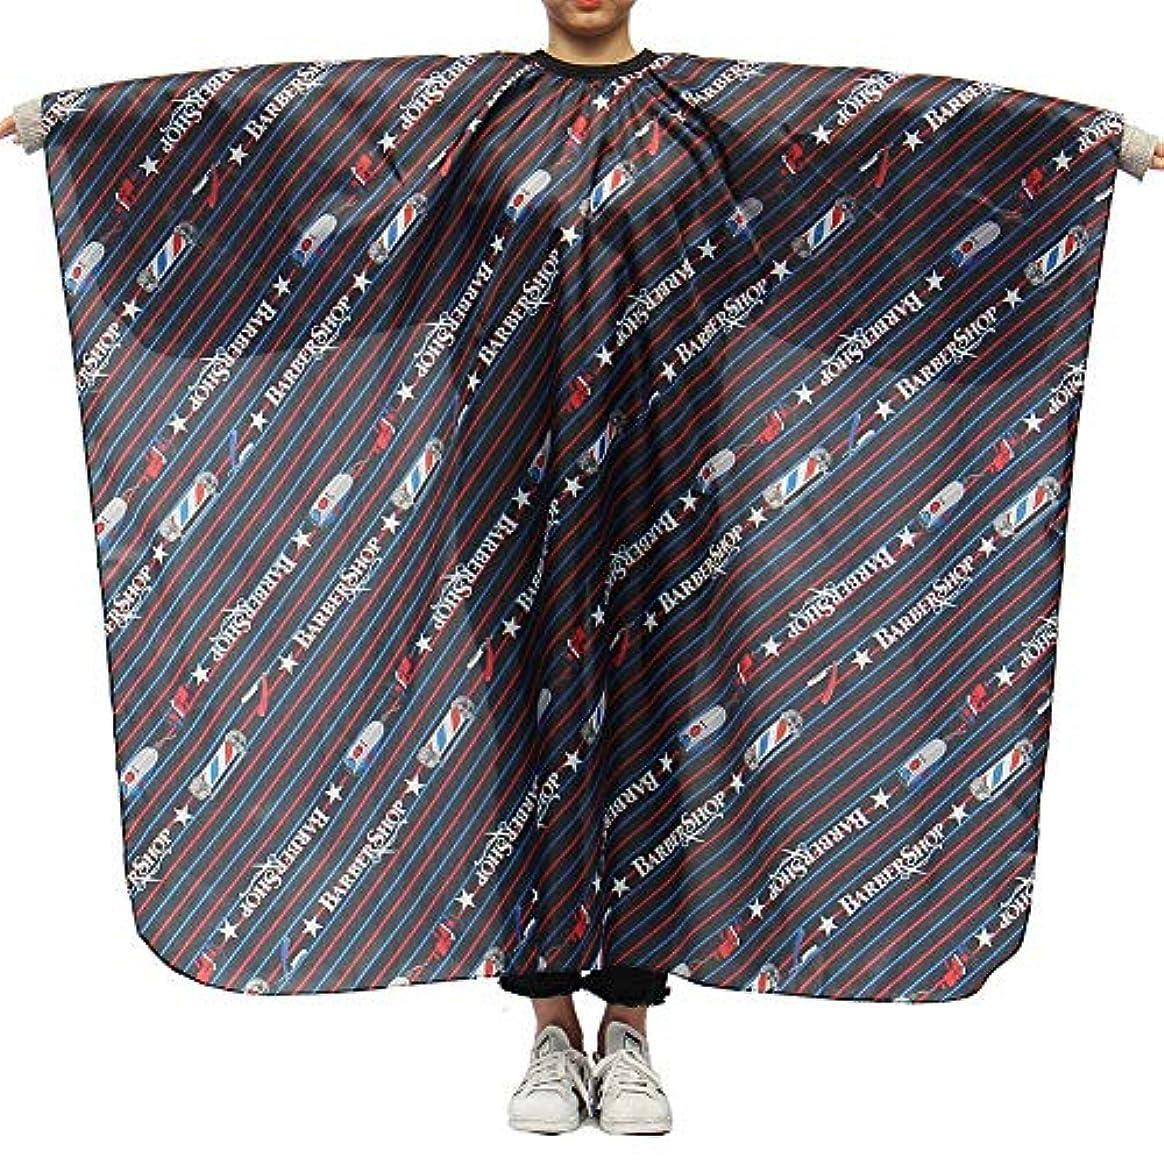 医療過誤マンハッタンはっきりしないLing(リンー)-ビューティー 理髪ケープ 理髪布 店用 家庭用 通気性 滑らか ポリエステル製